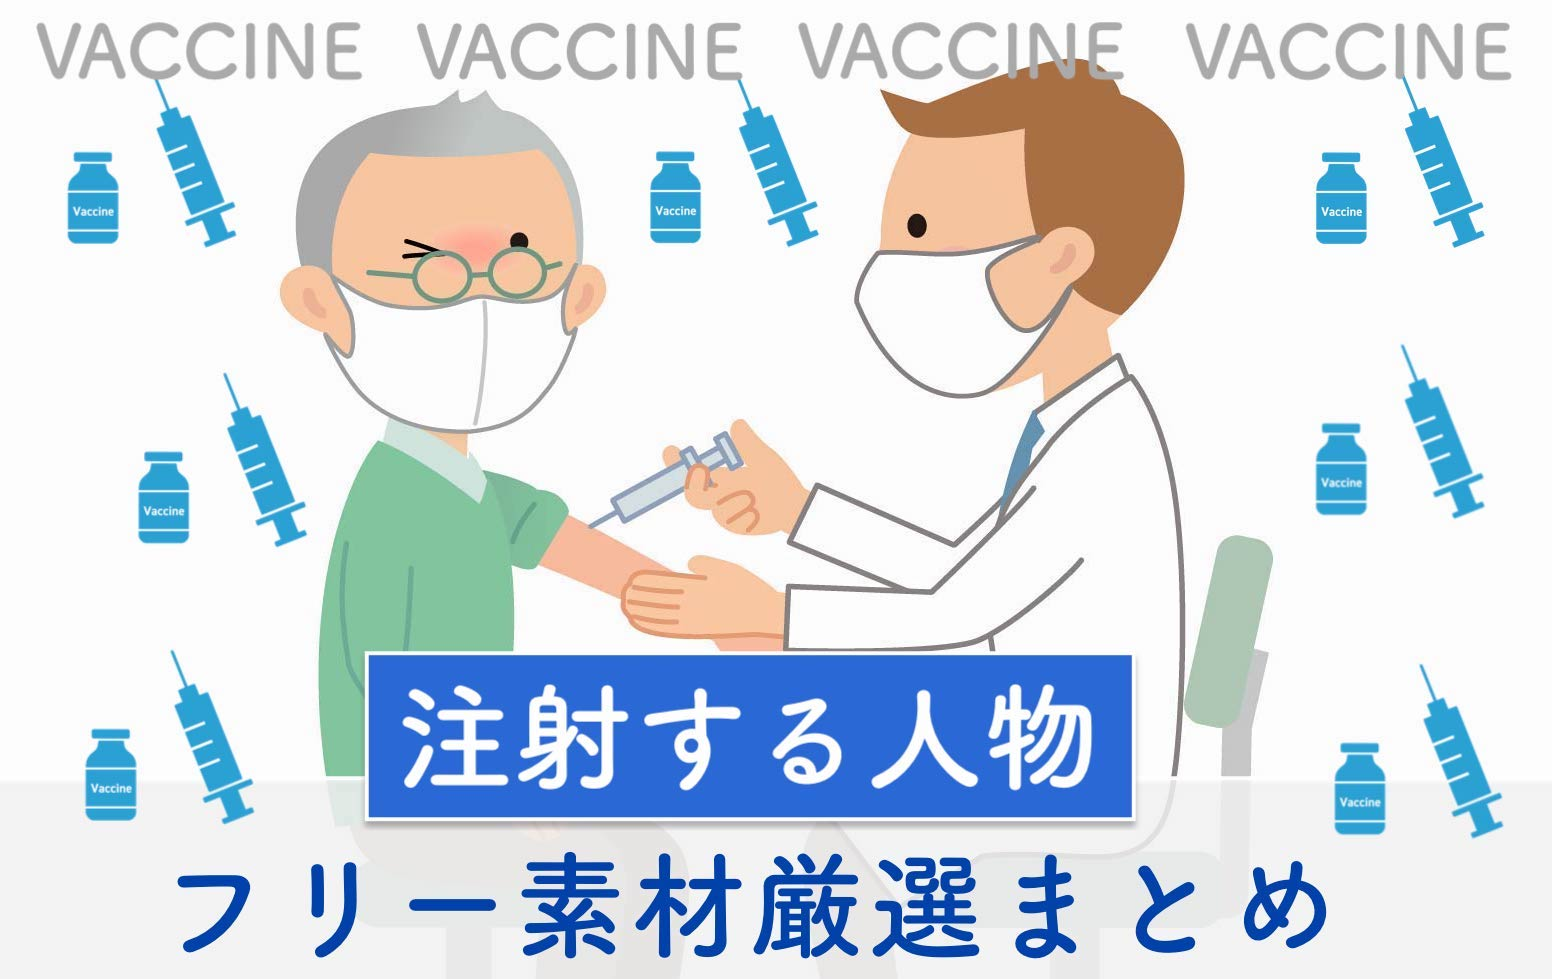 ワクチン接種する人物のフリー素材厳選まとめのアイキャッチ